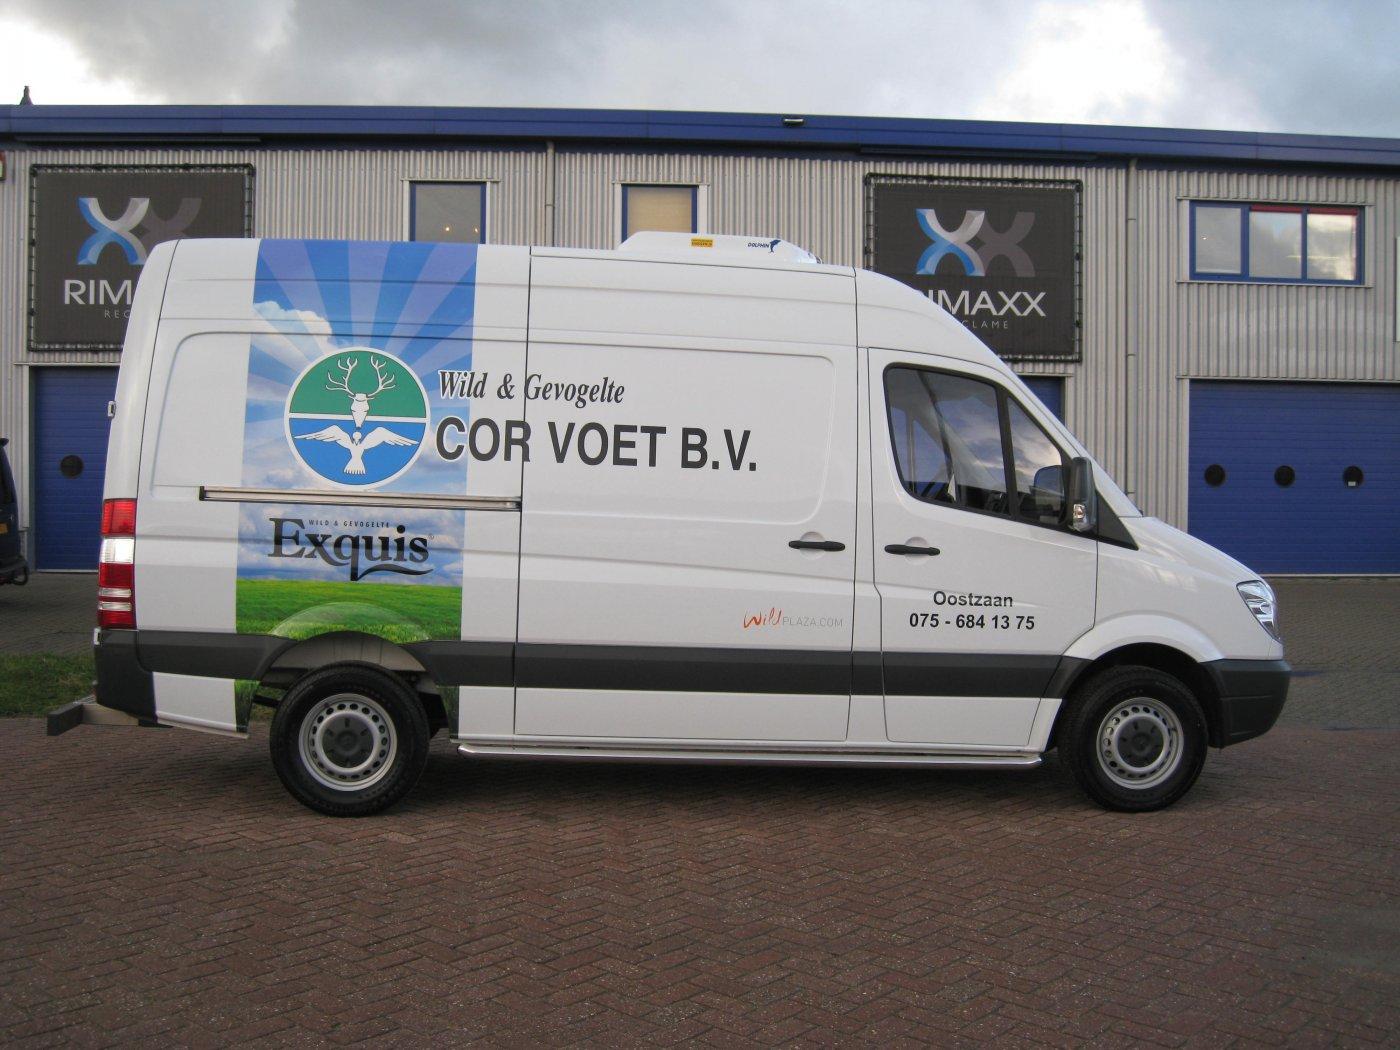 Cor Voet koelwagen